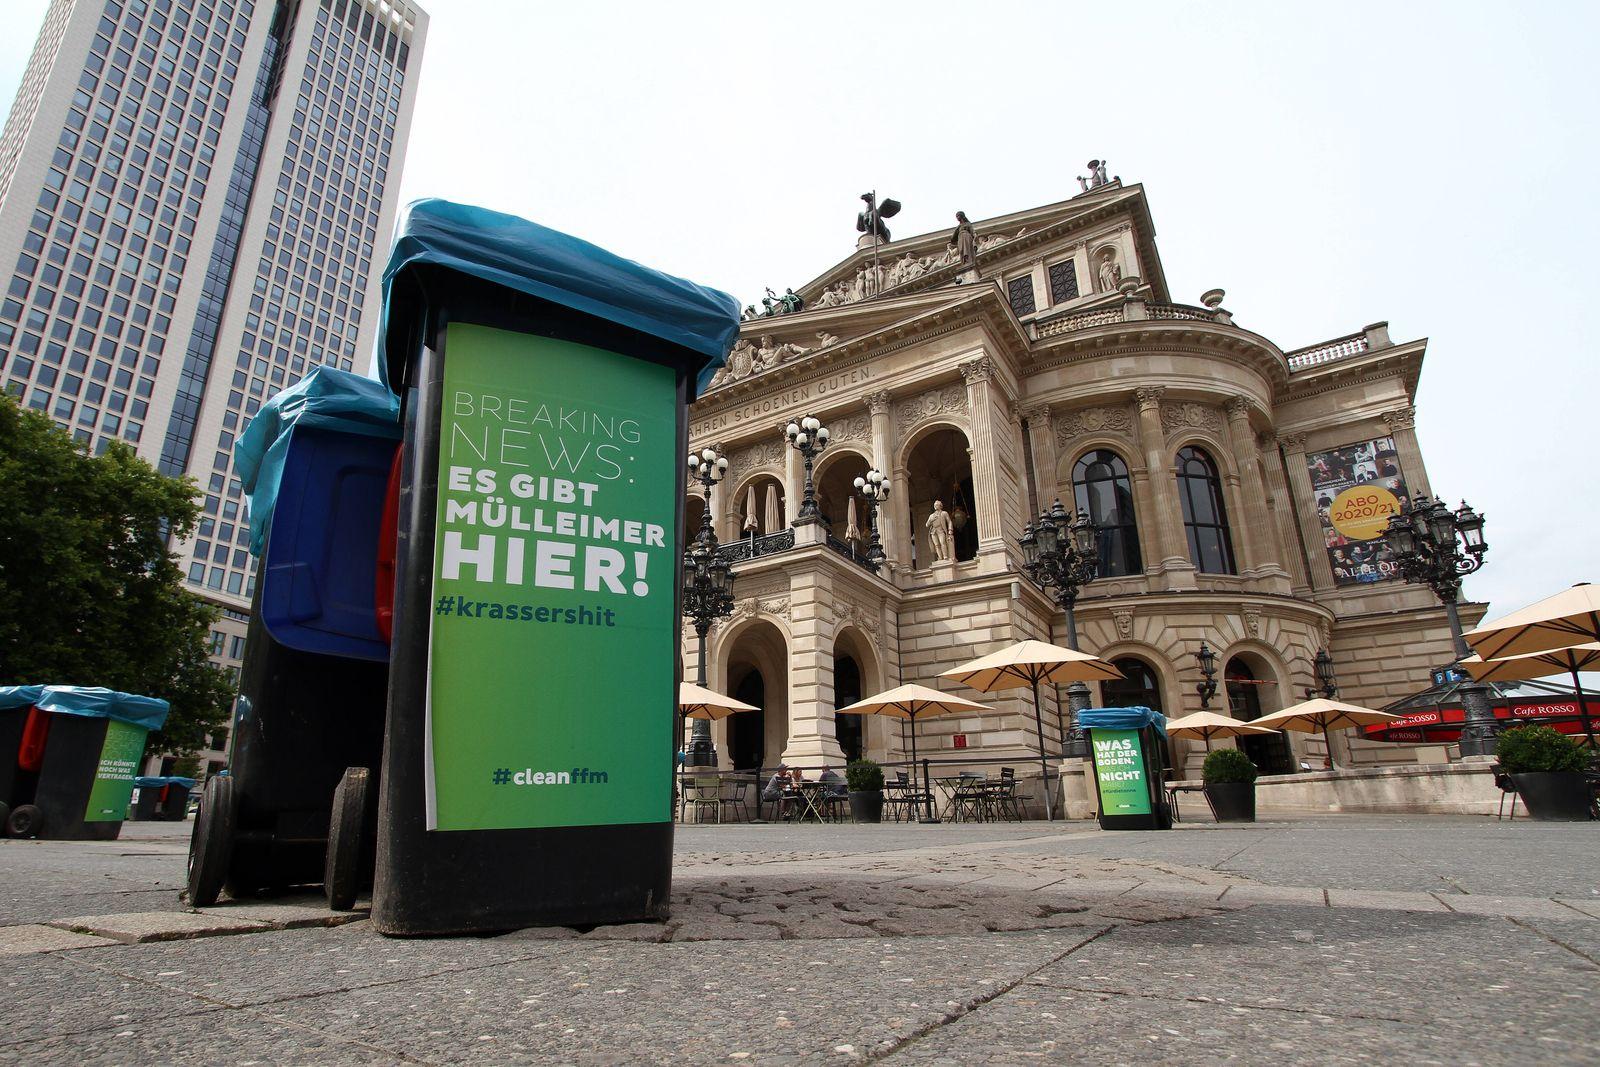 Was wie ein urbanes Kunstobjekt oder Installation eines Straßenkünstler s auf dem Opernplatz vor der Alte n Oper in Fra